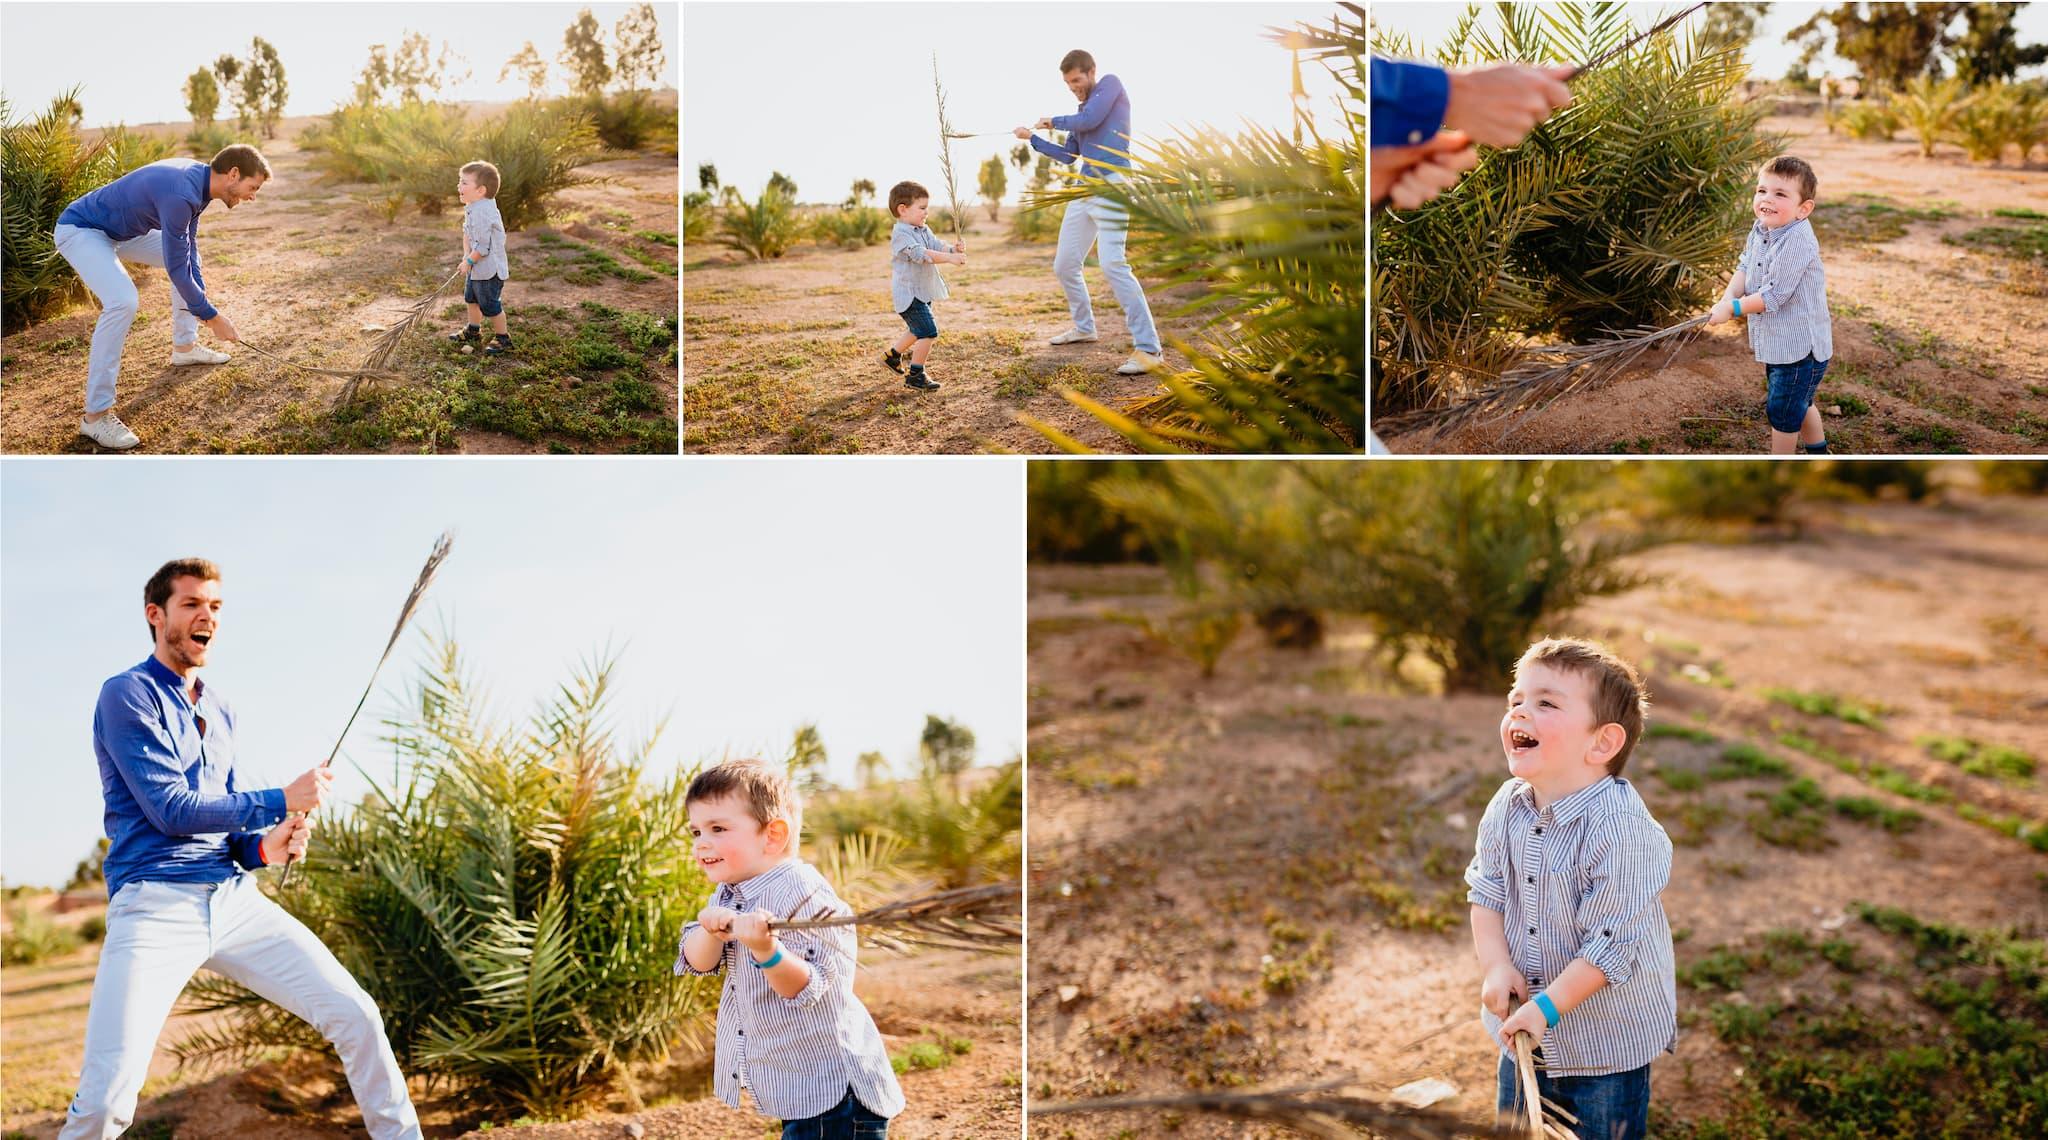 père et fils ; photographie ; souvenirs ; photographe ; maroc